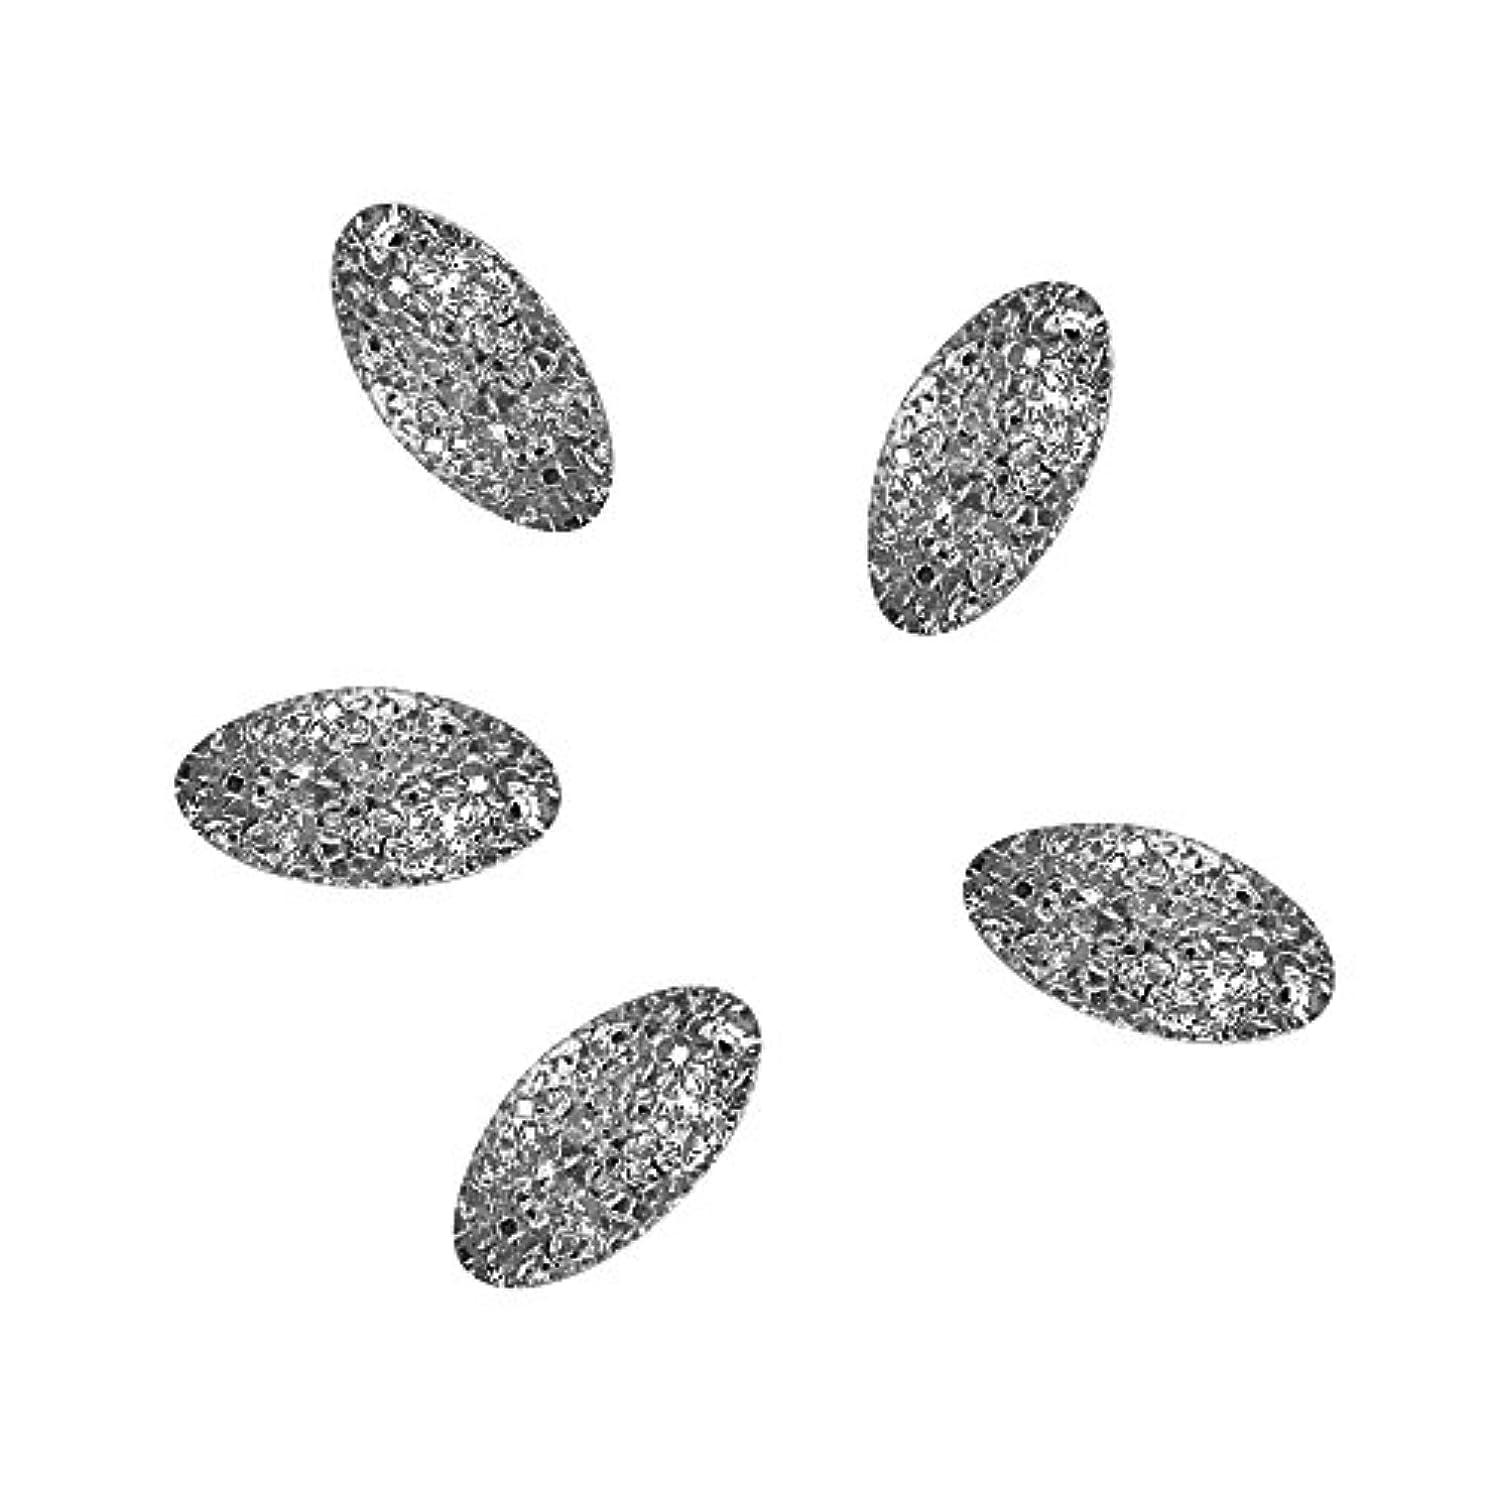 オリエント玉ねぎ市民Bonnail ラフスタッズシルバー オーバル4×2mm